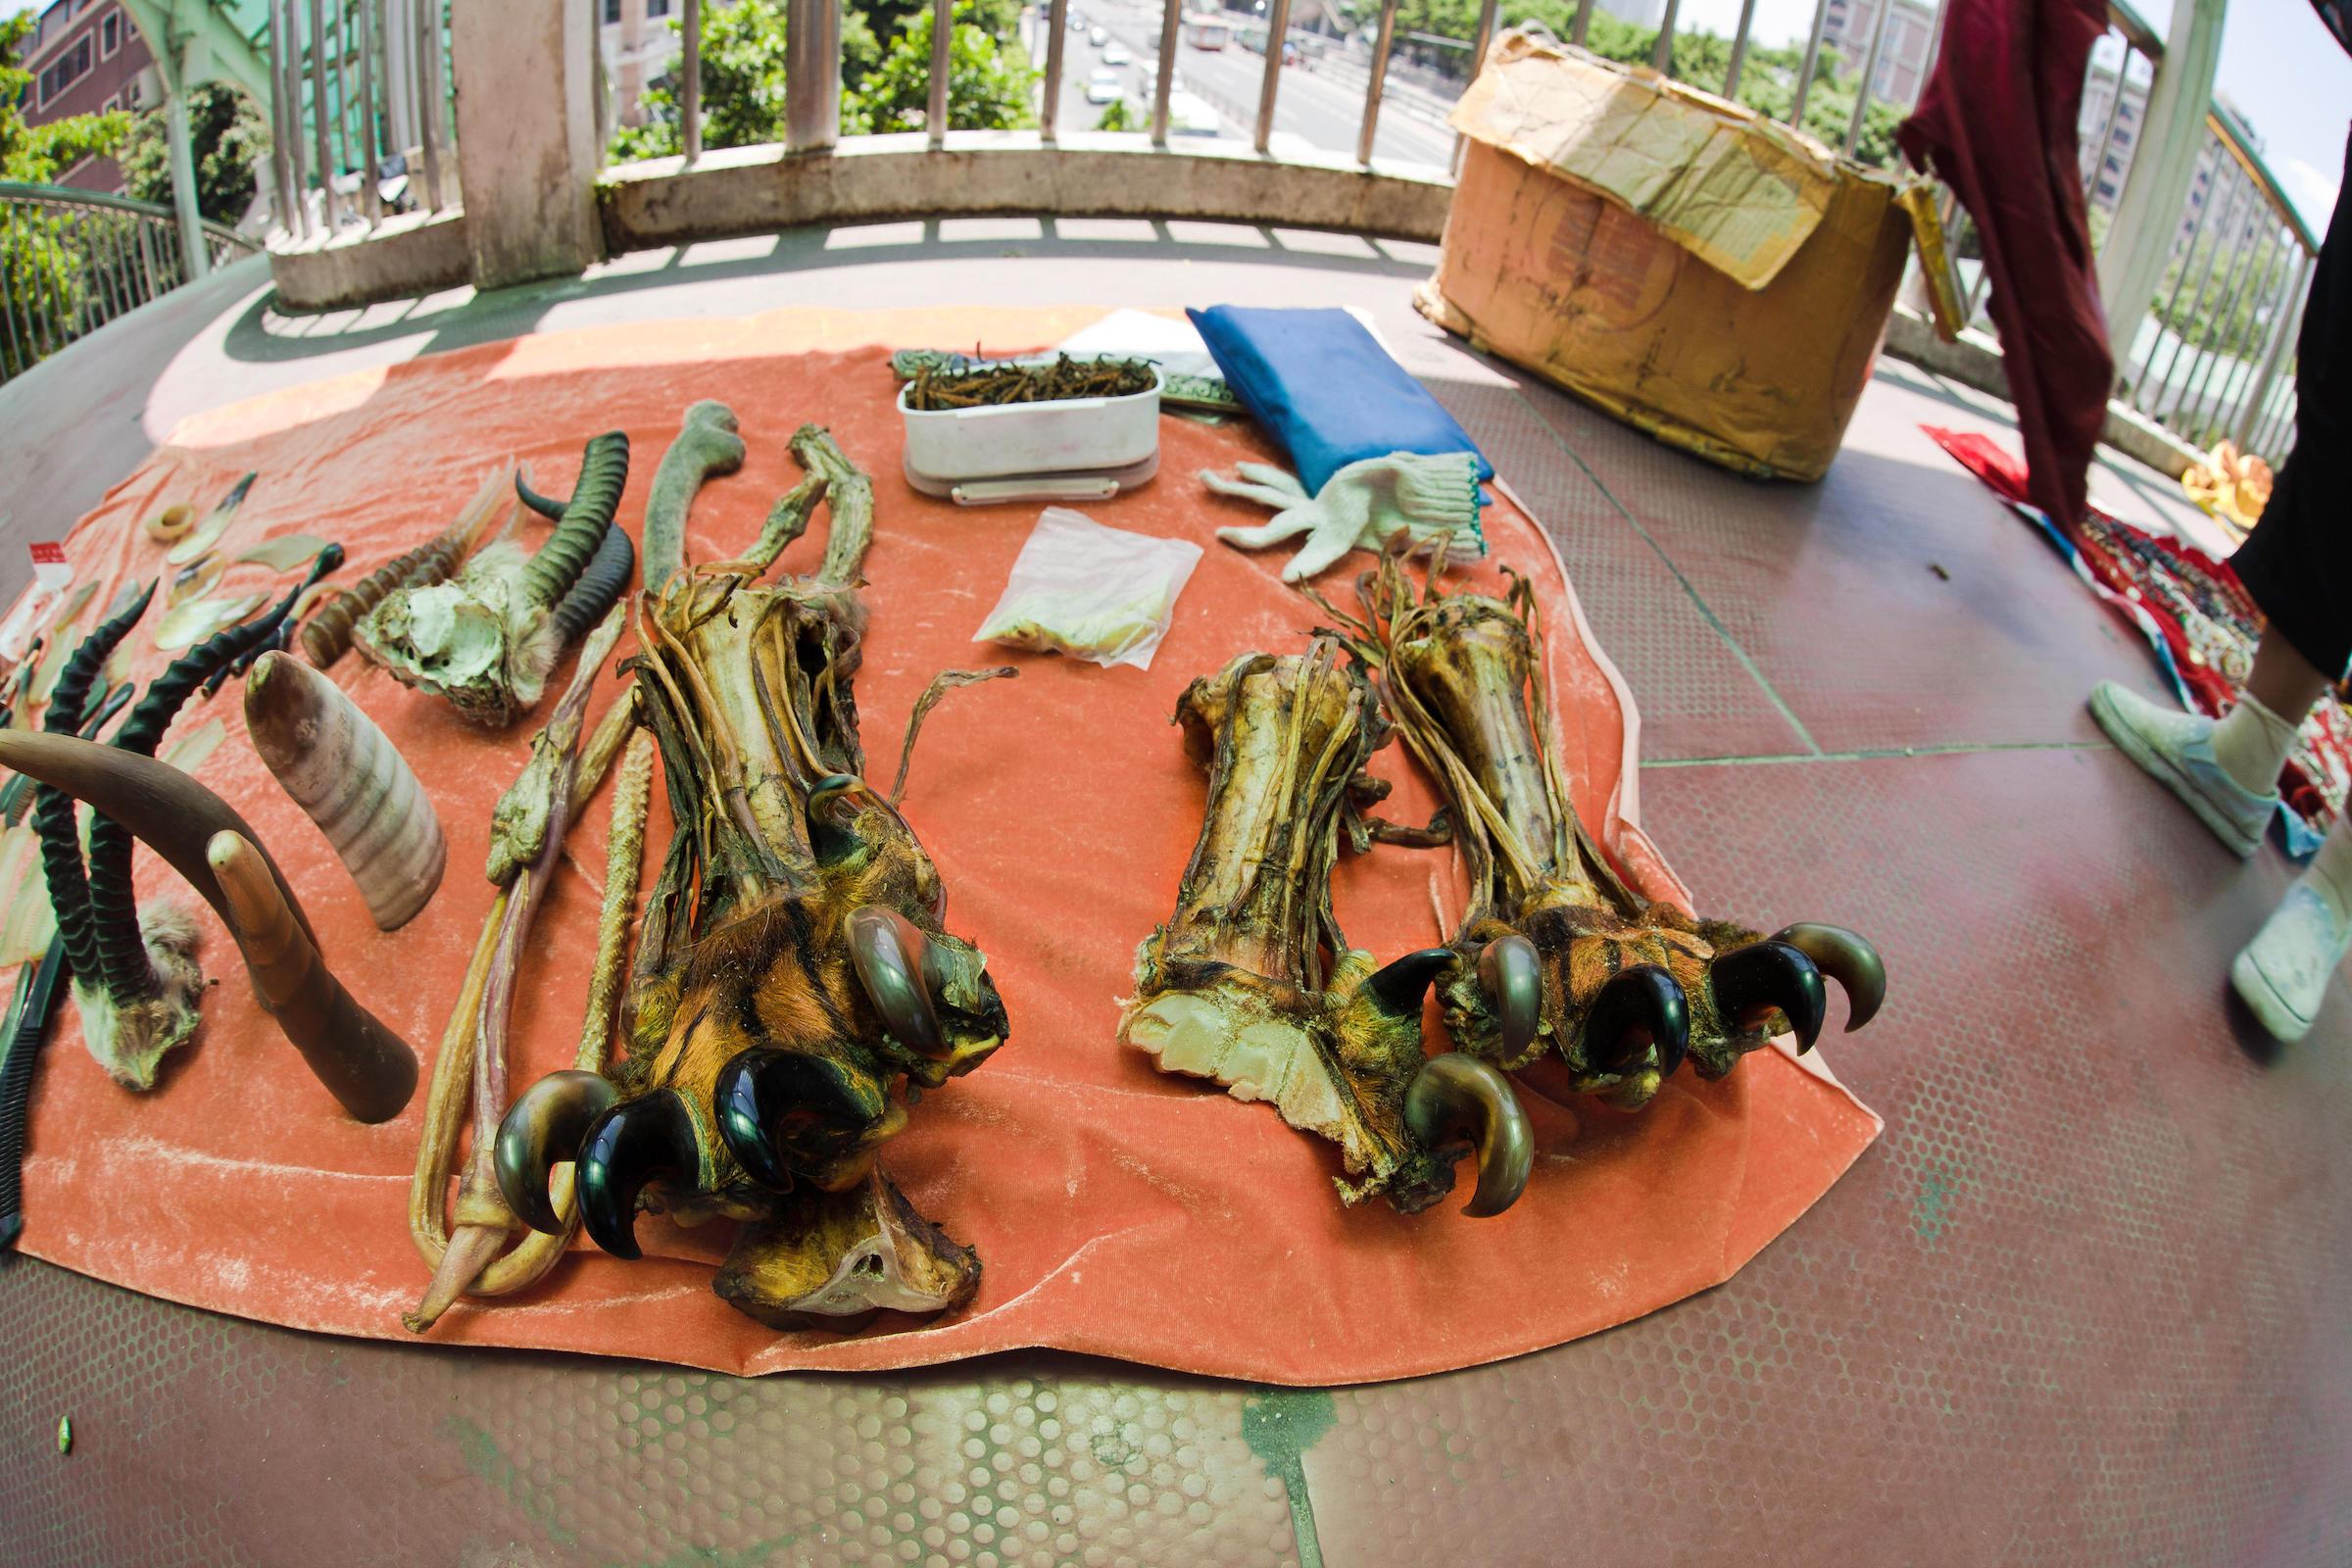 广州街头违法出售虎骨